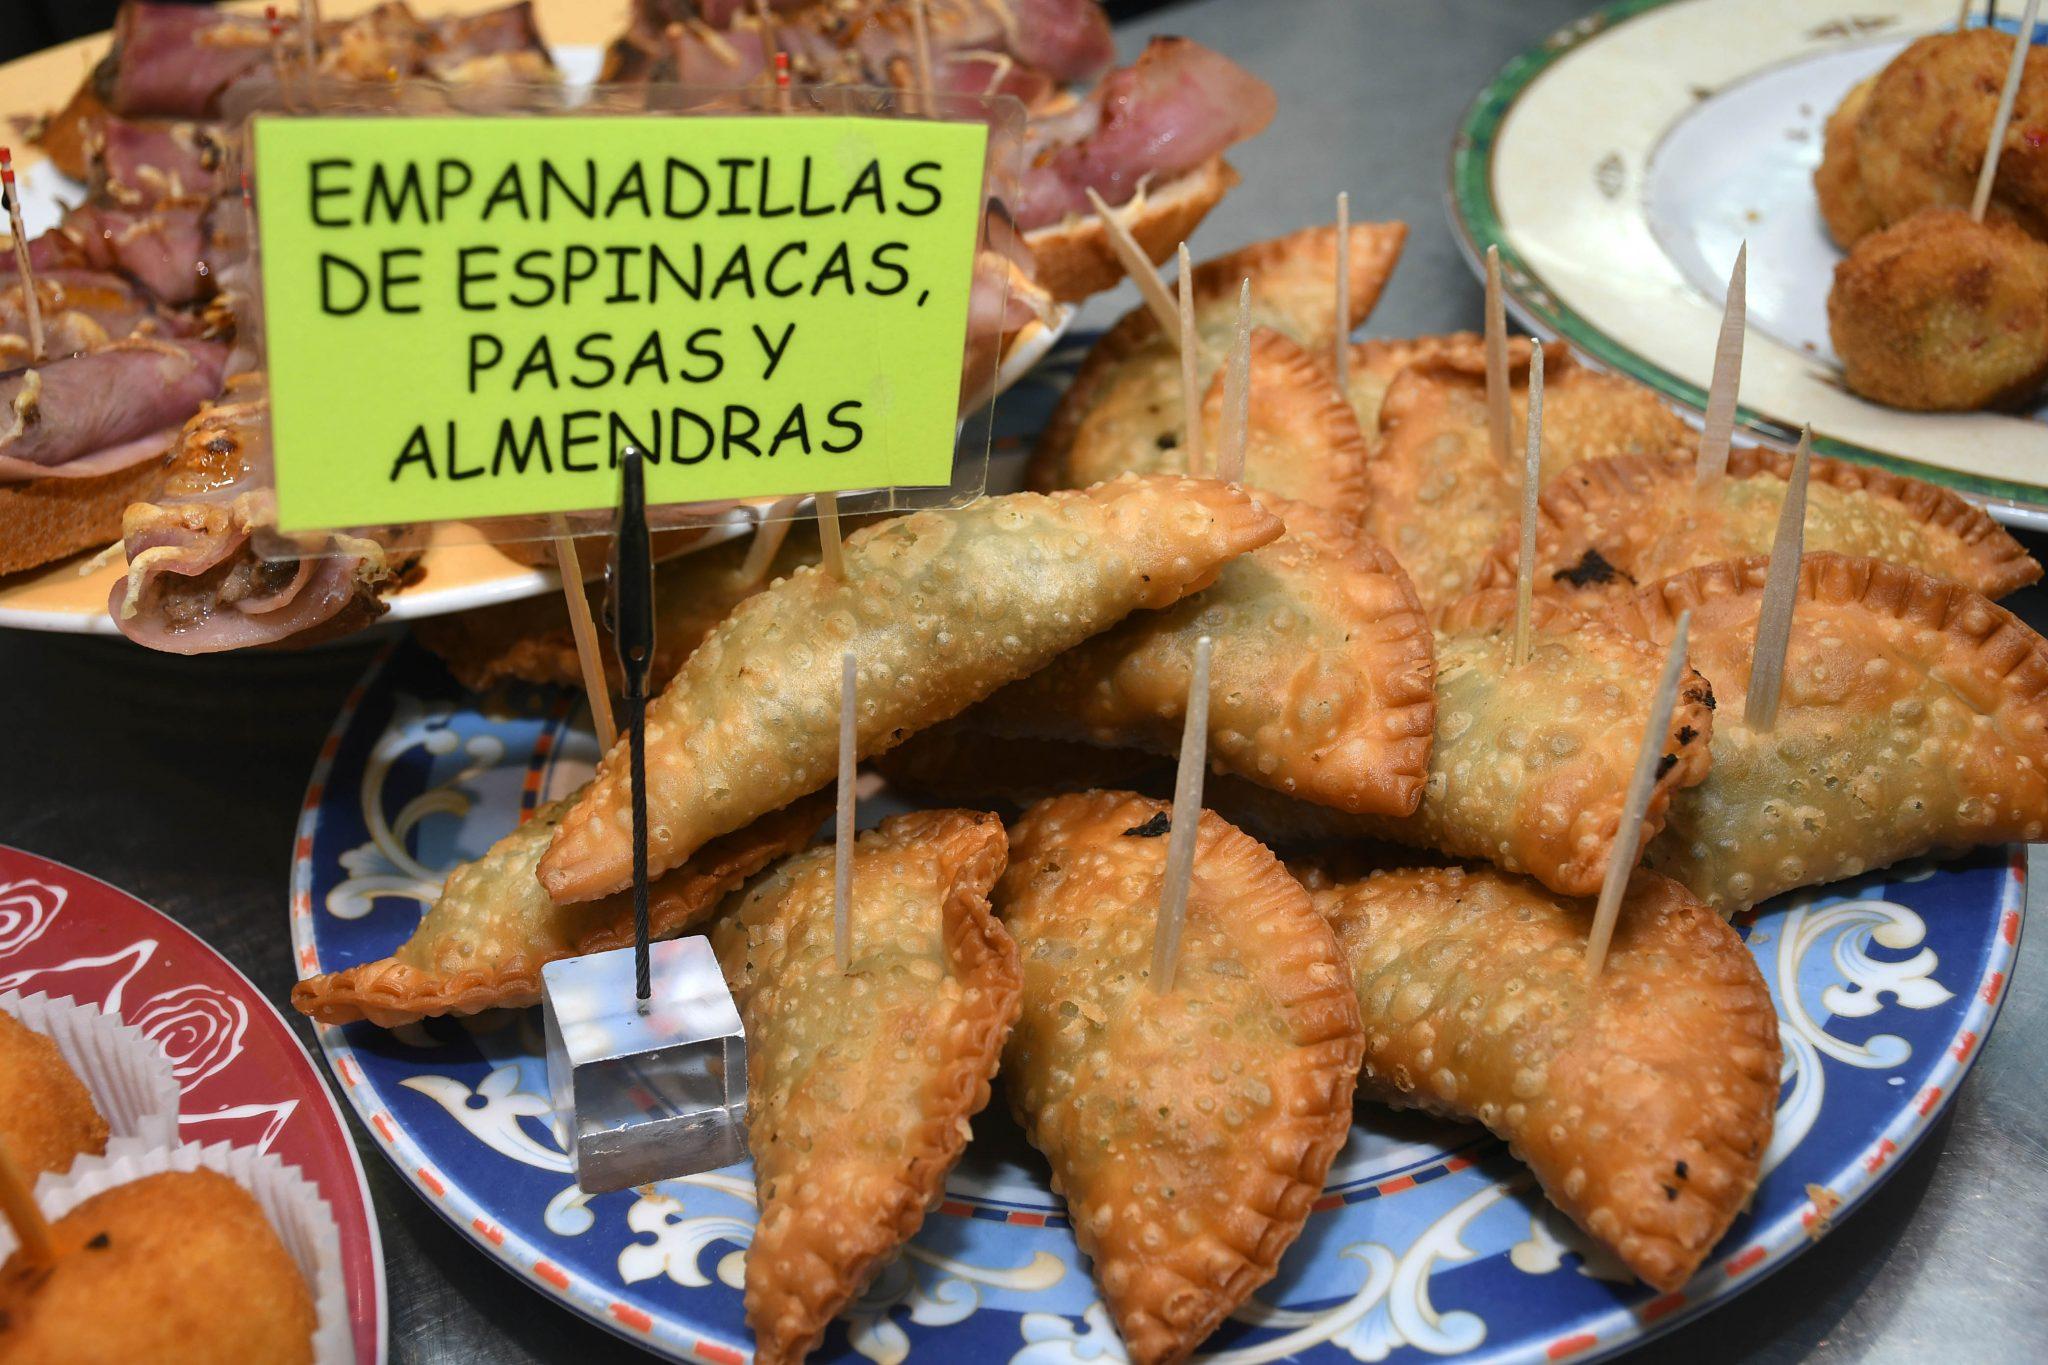 06. Empanadillas